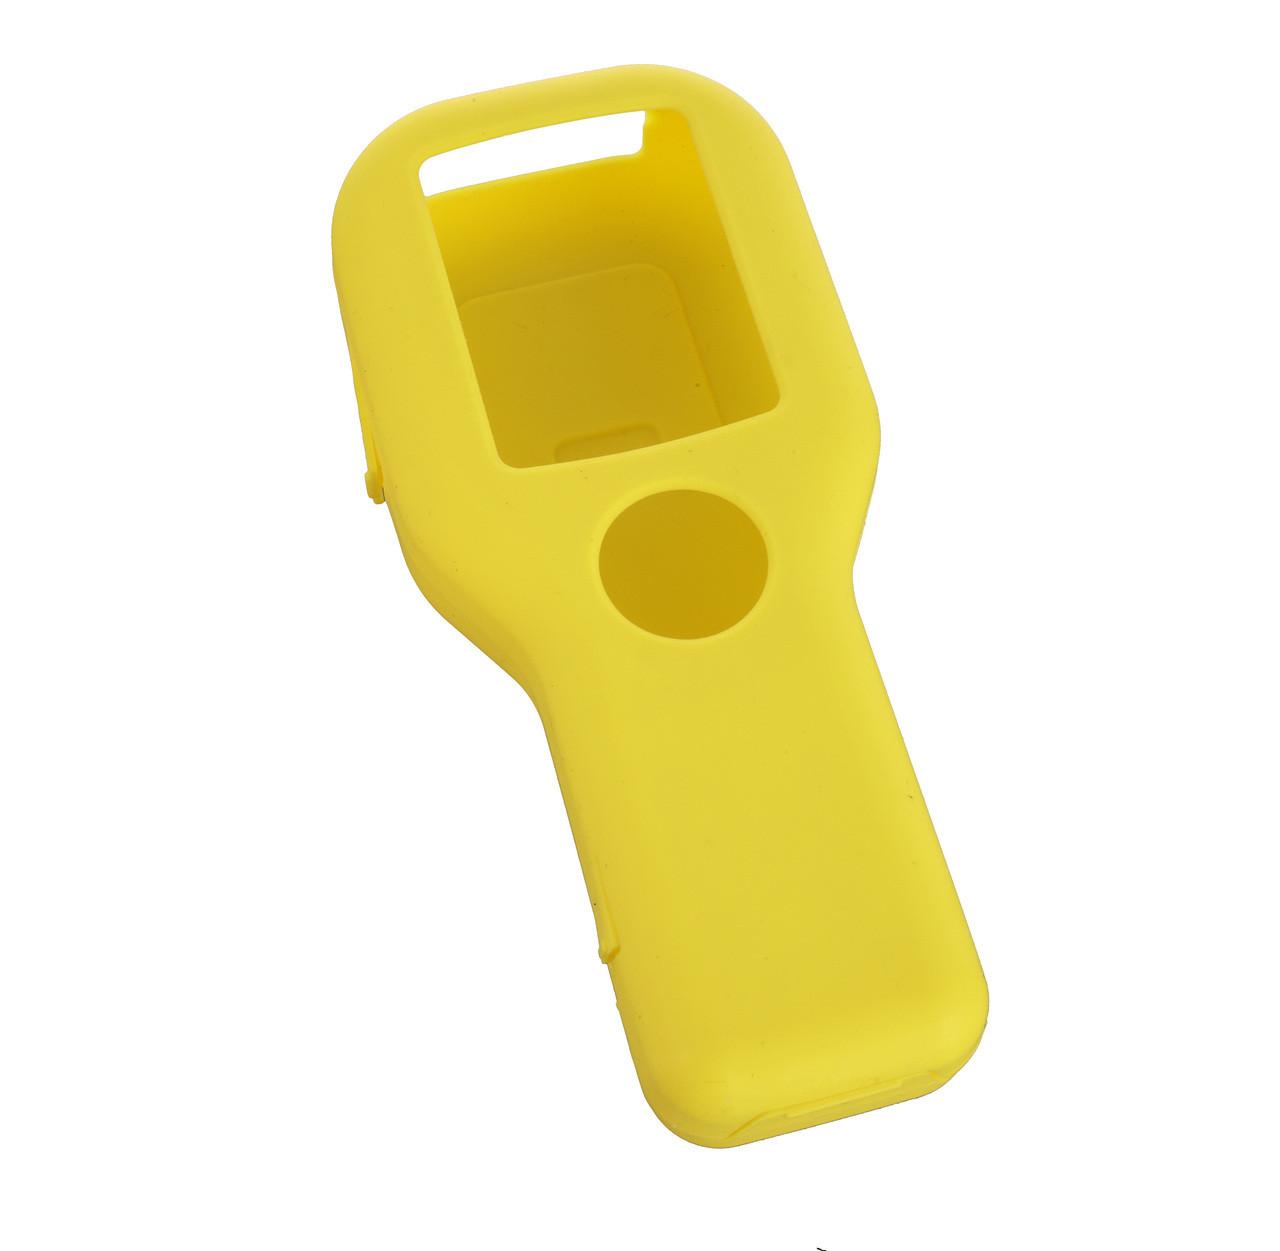 Intoxilyzer 600 Yellow Rubberized Sleeve